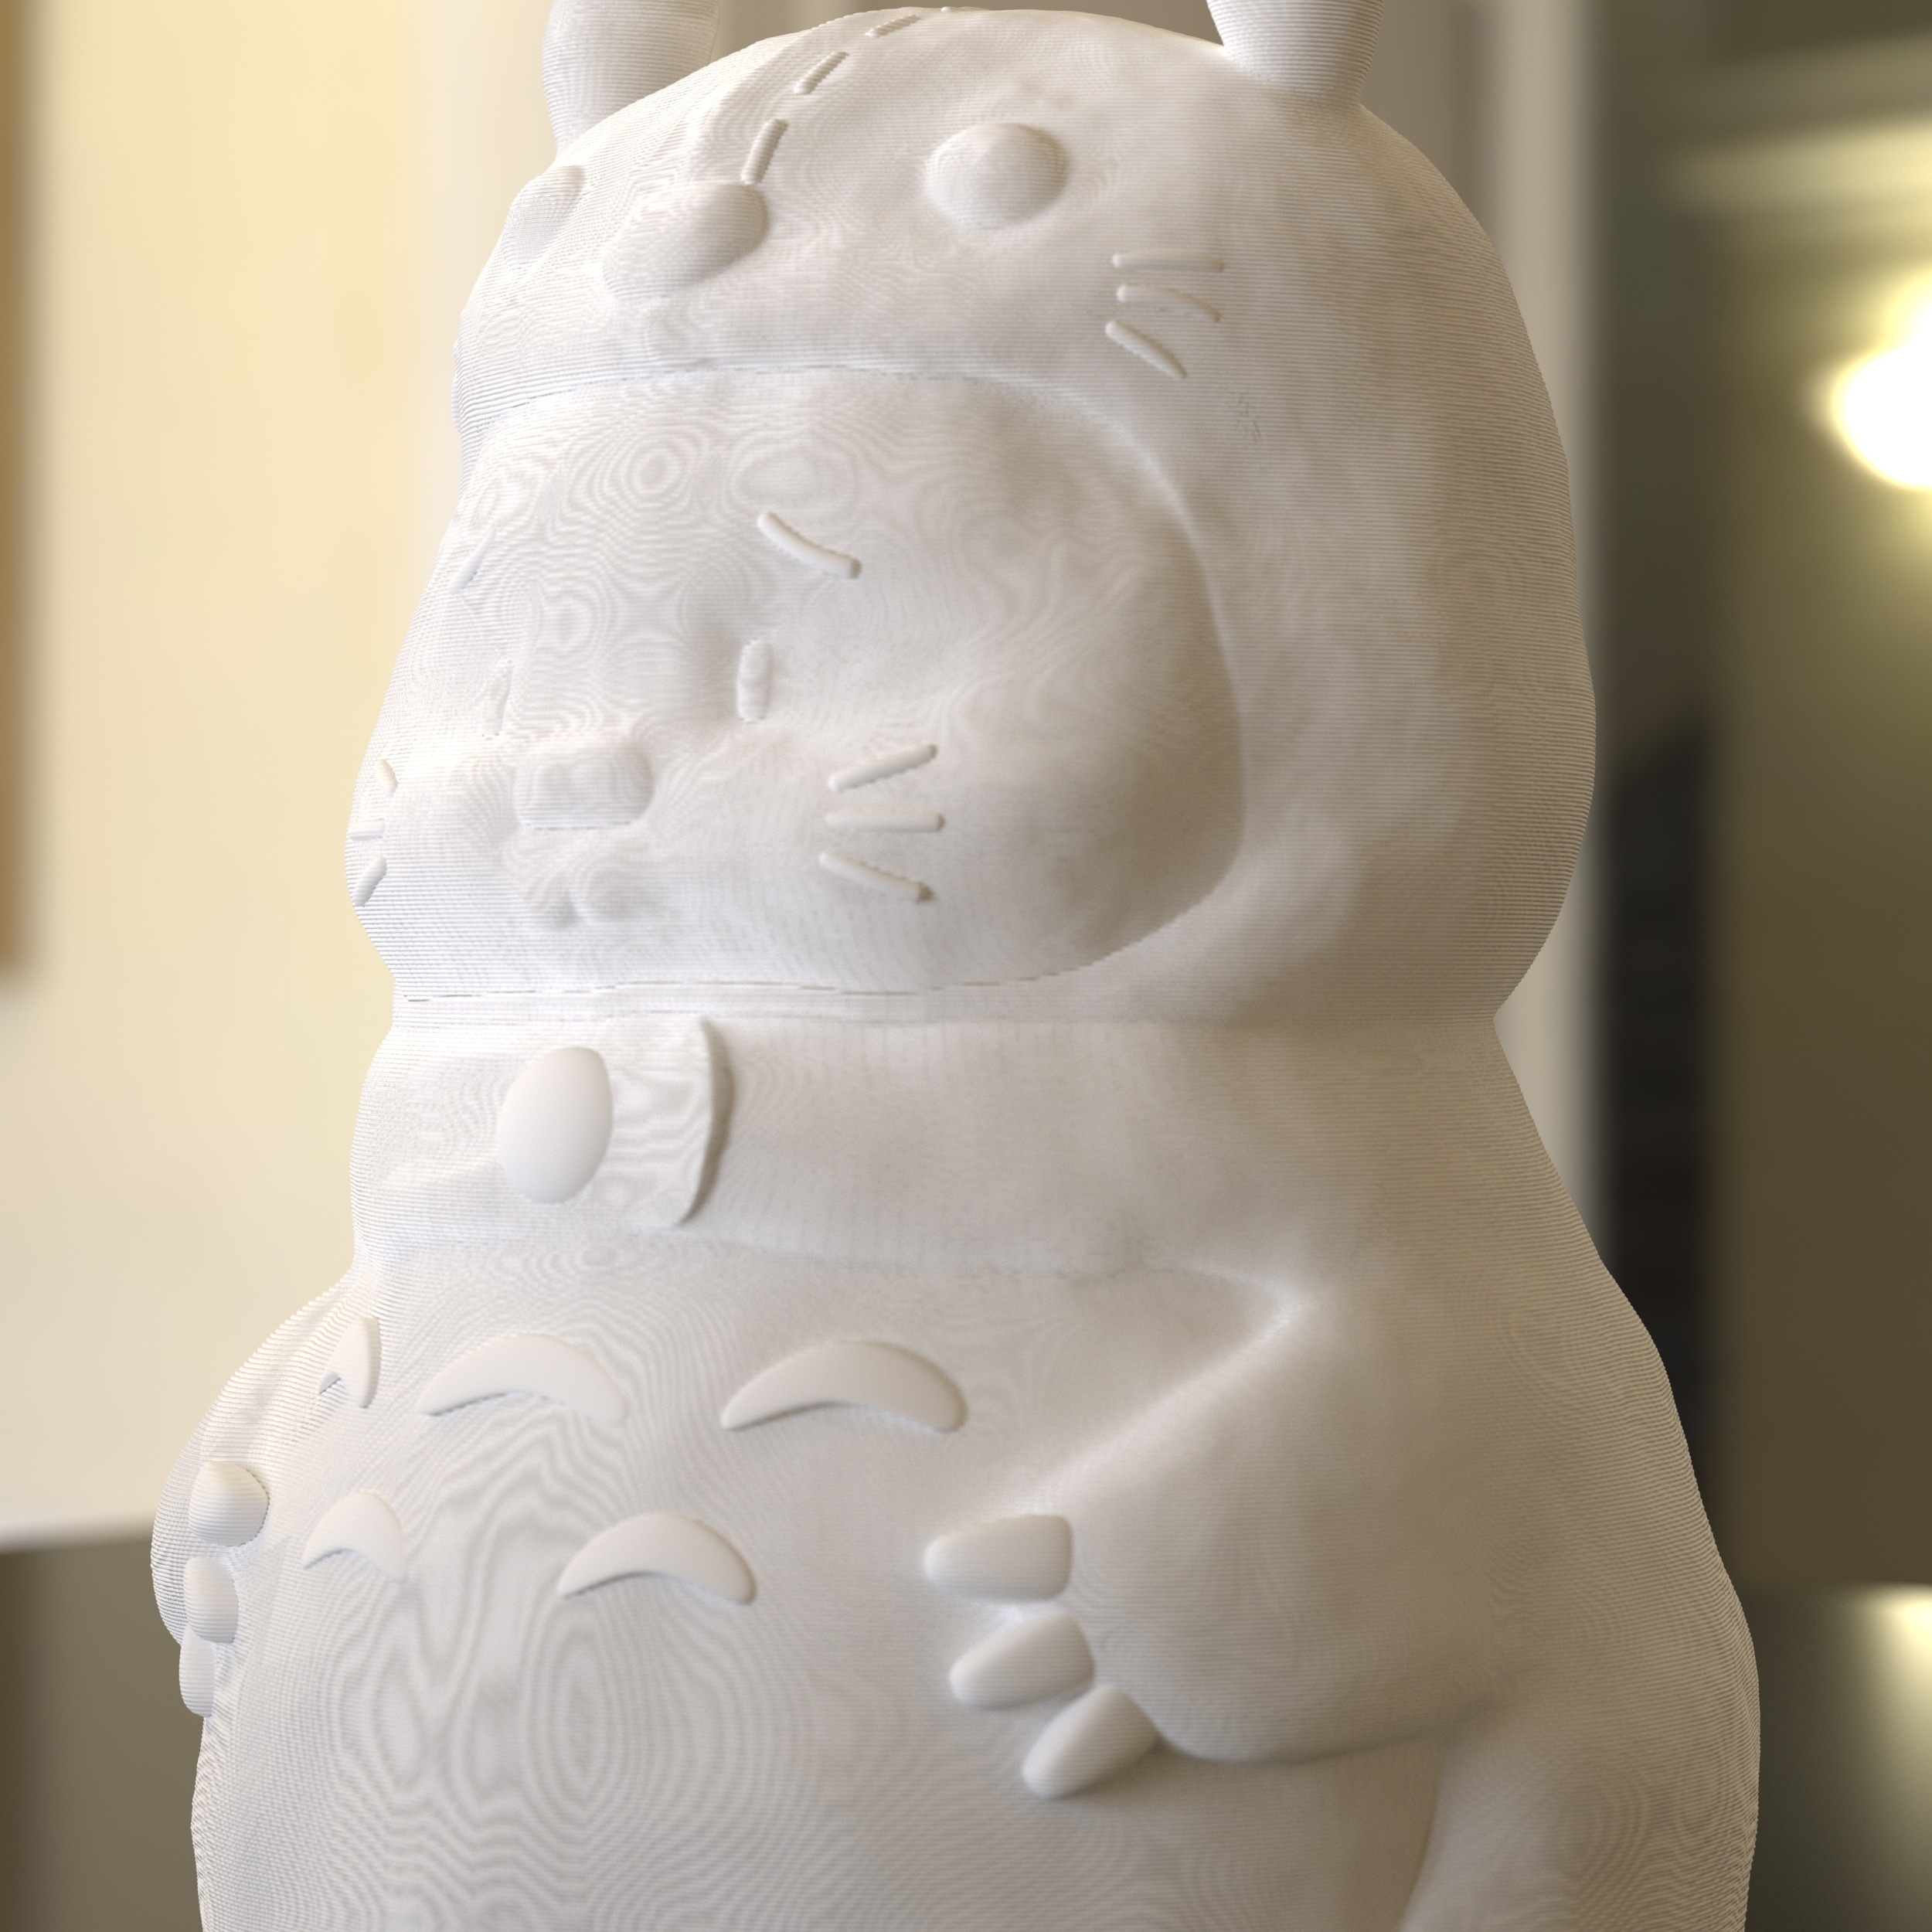 03.jpg Download STL file Rabbit Totoro / Conejo Totoro • 3D printer template, Larmaries